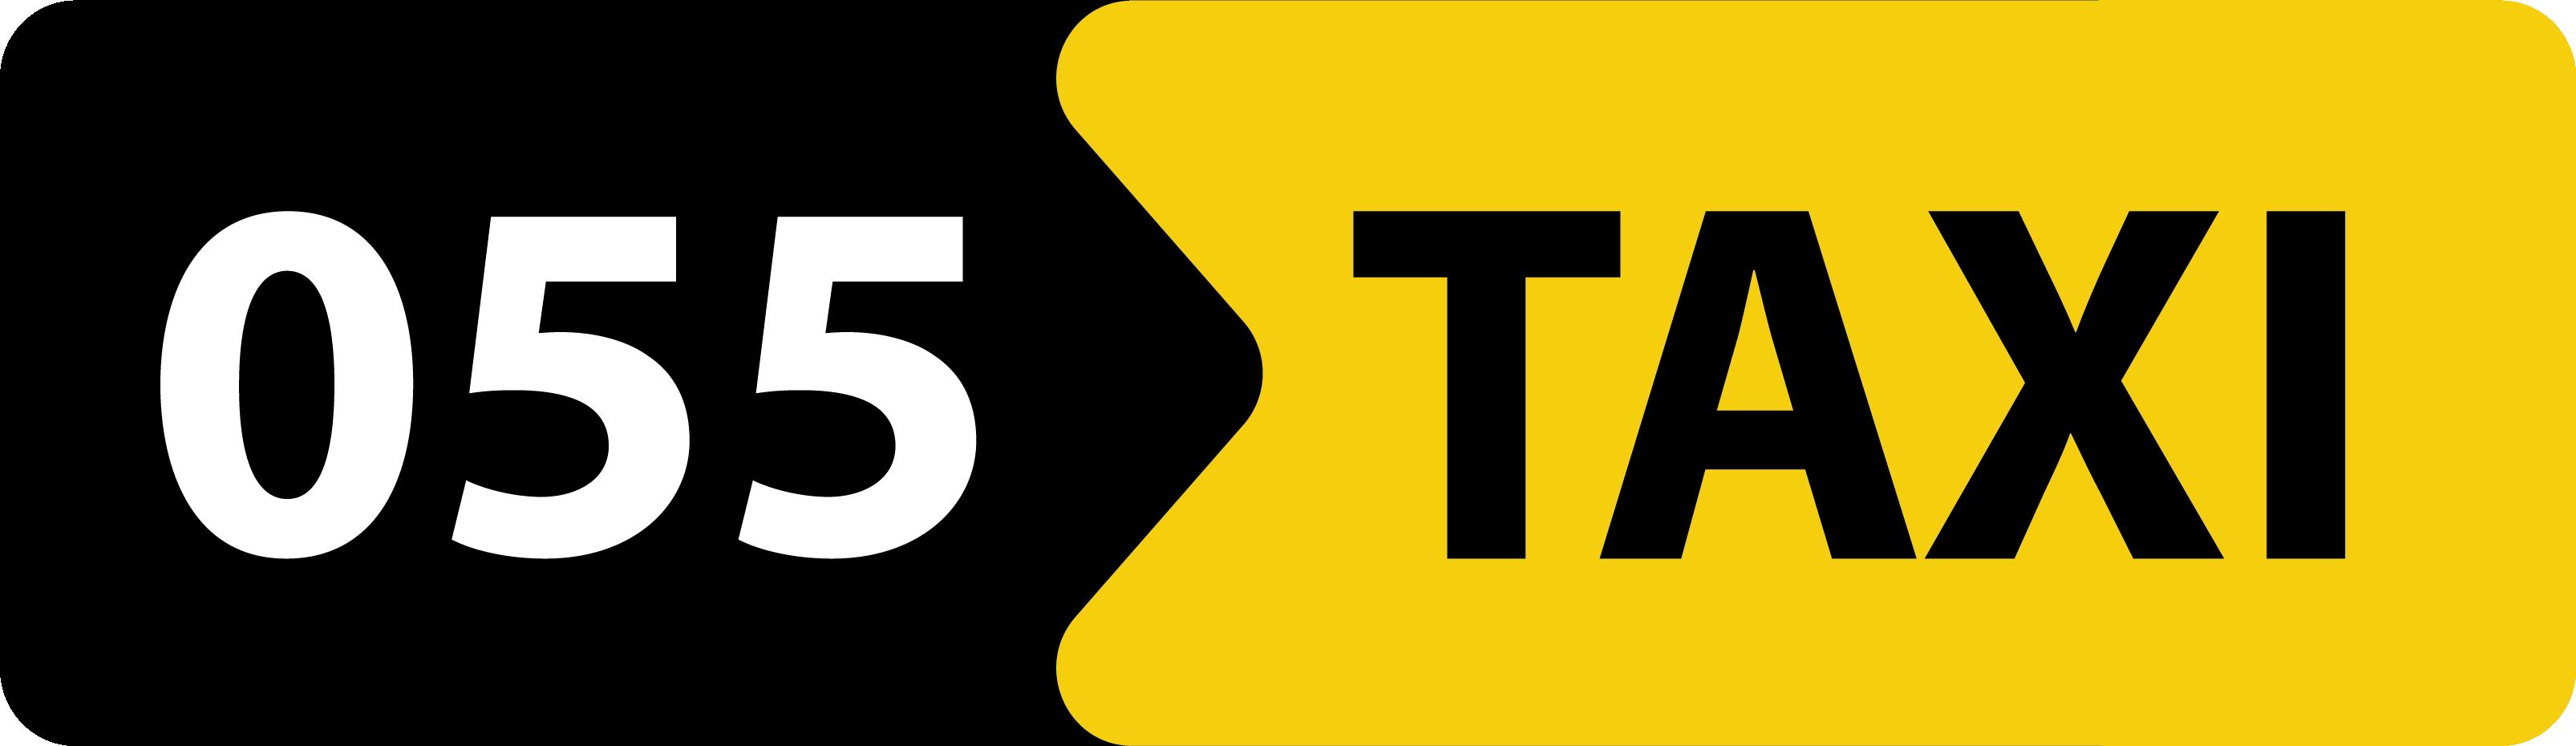 055 TAXI